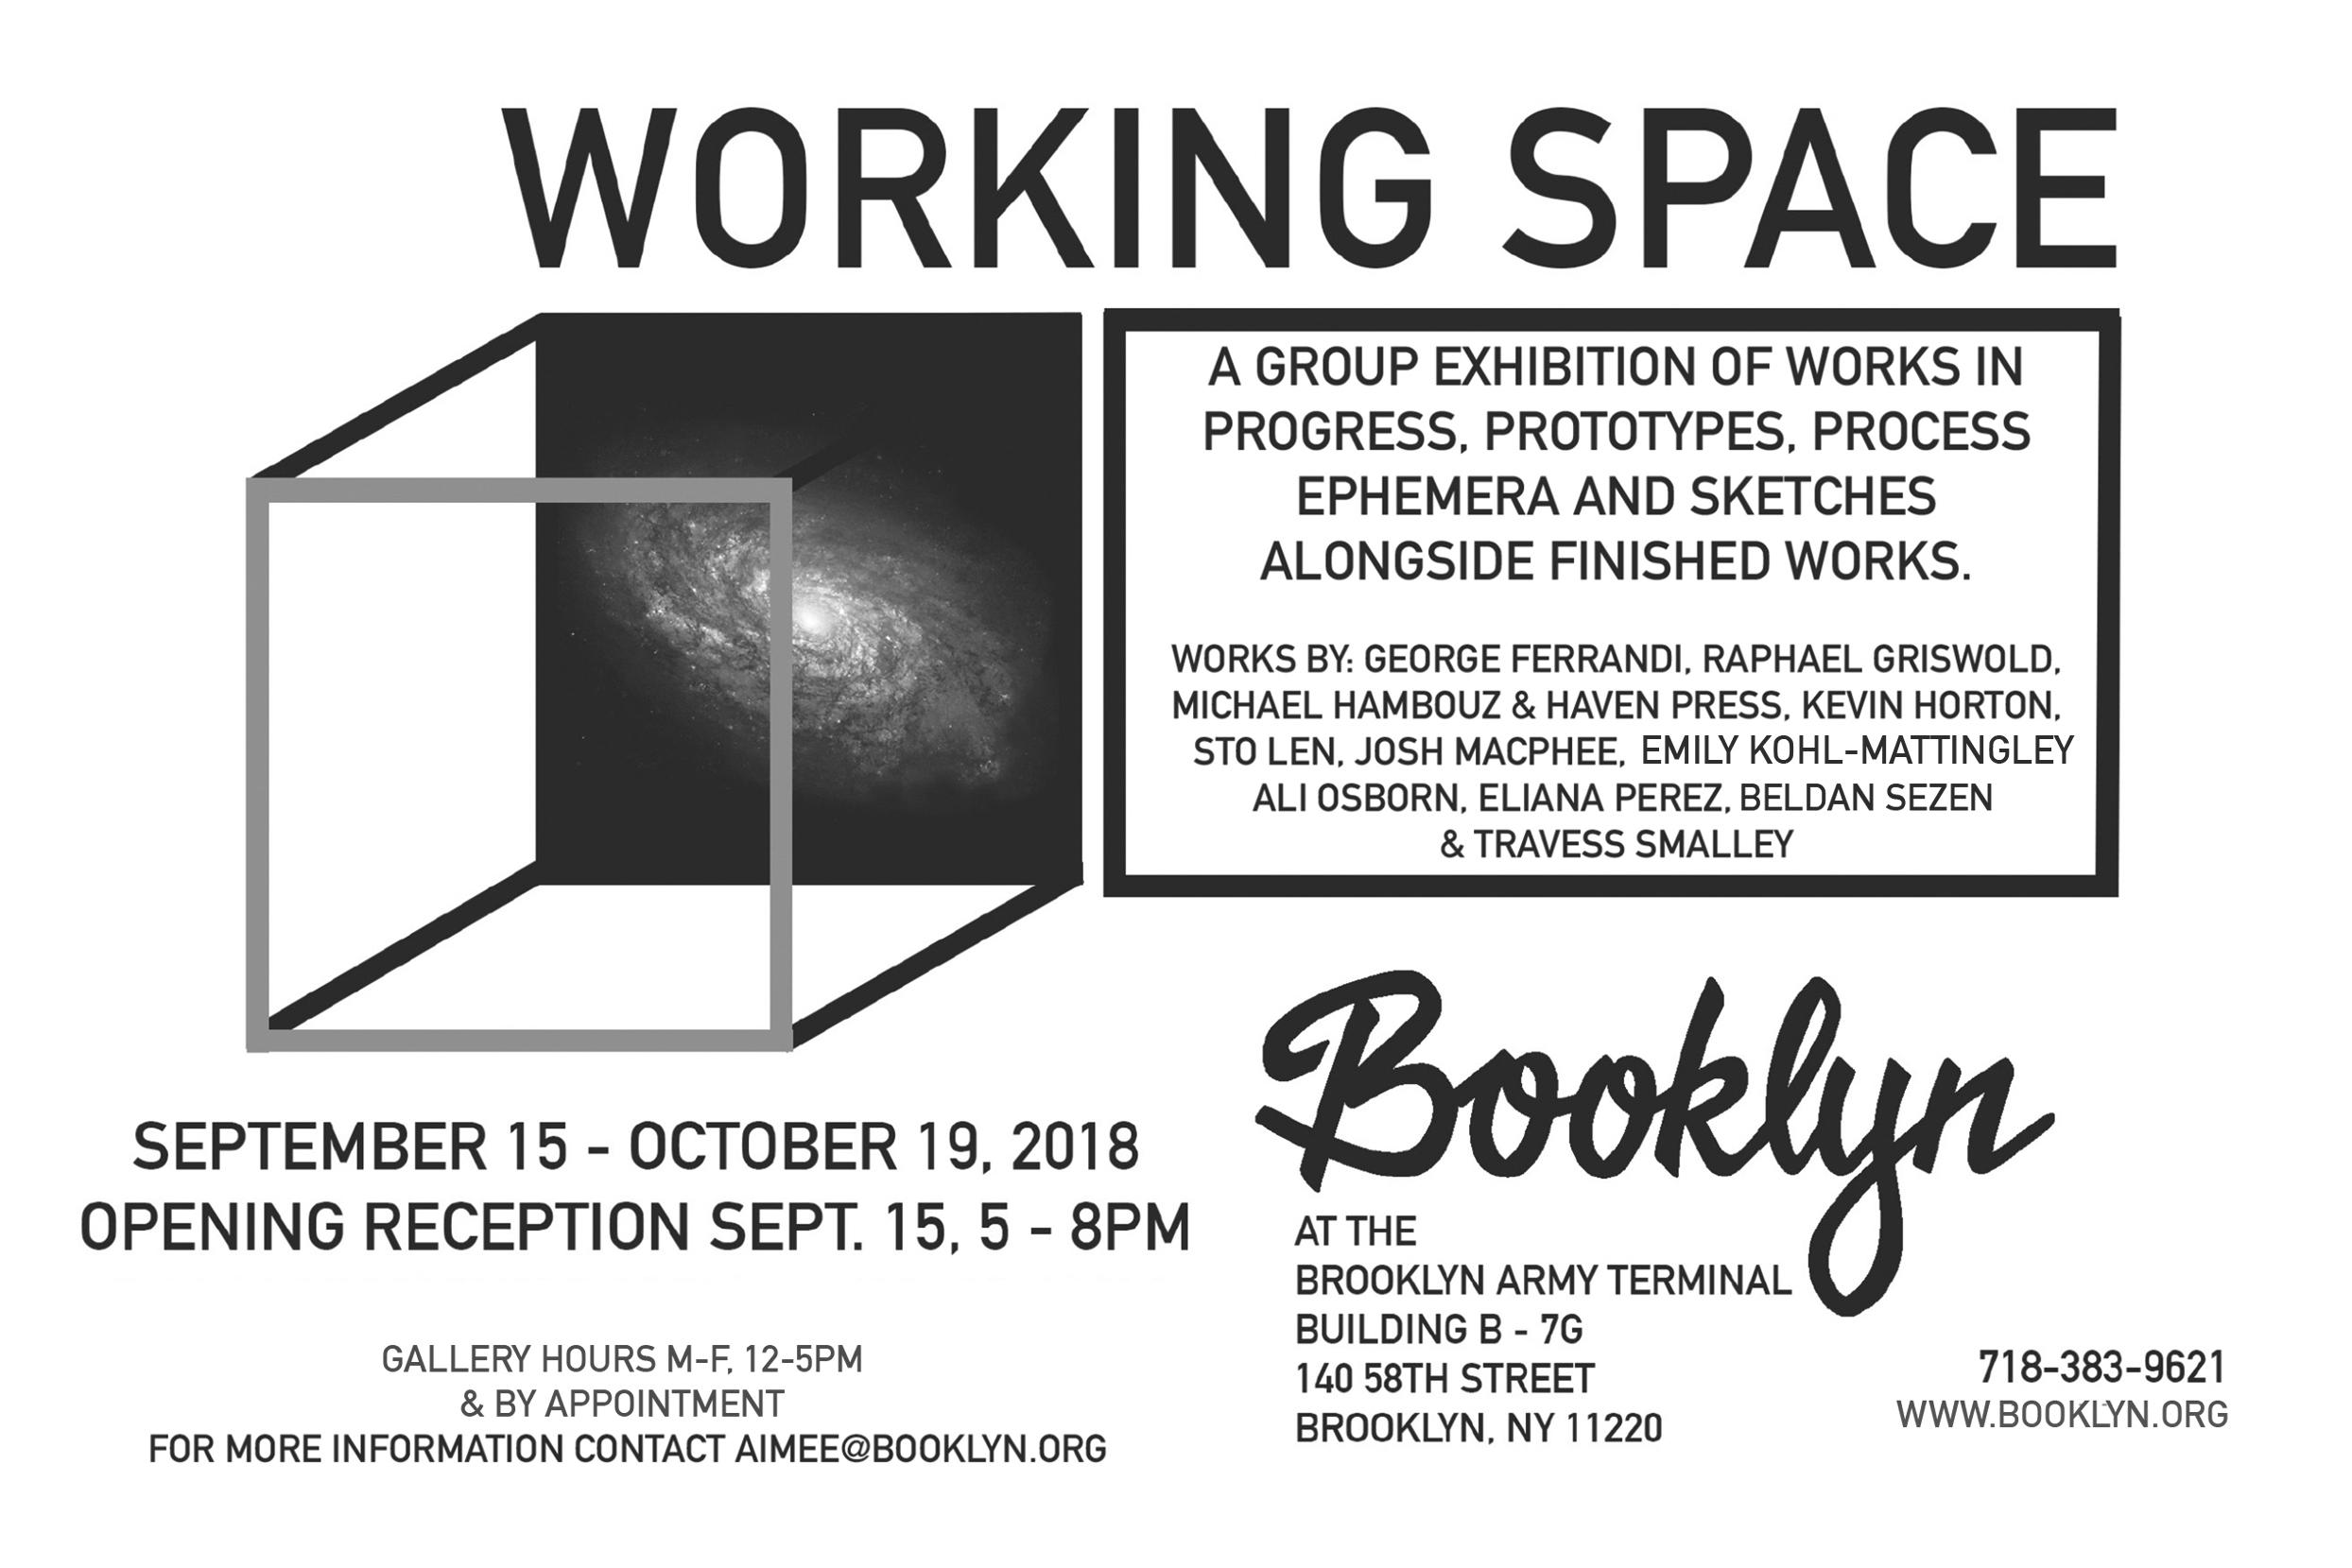 Working_Space_Booklyn.jpg